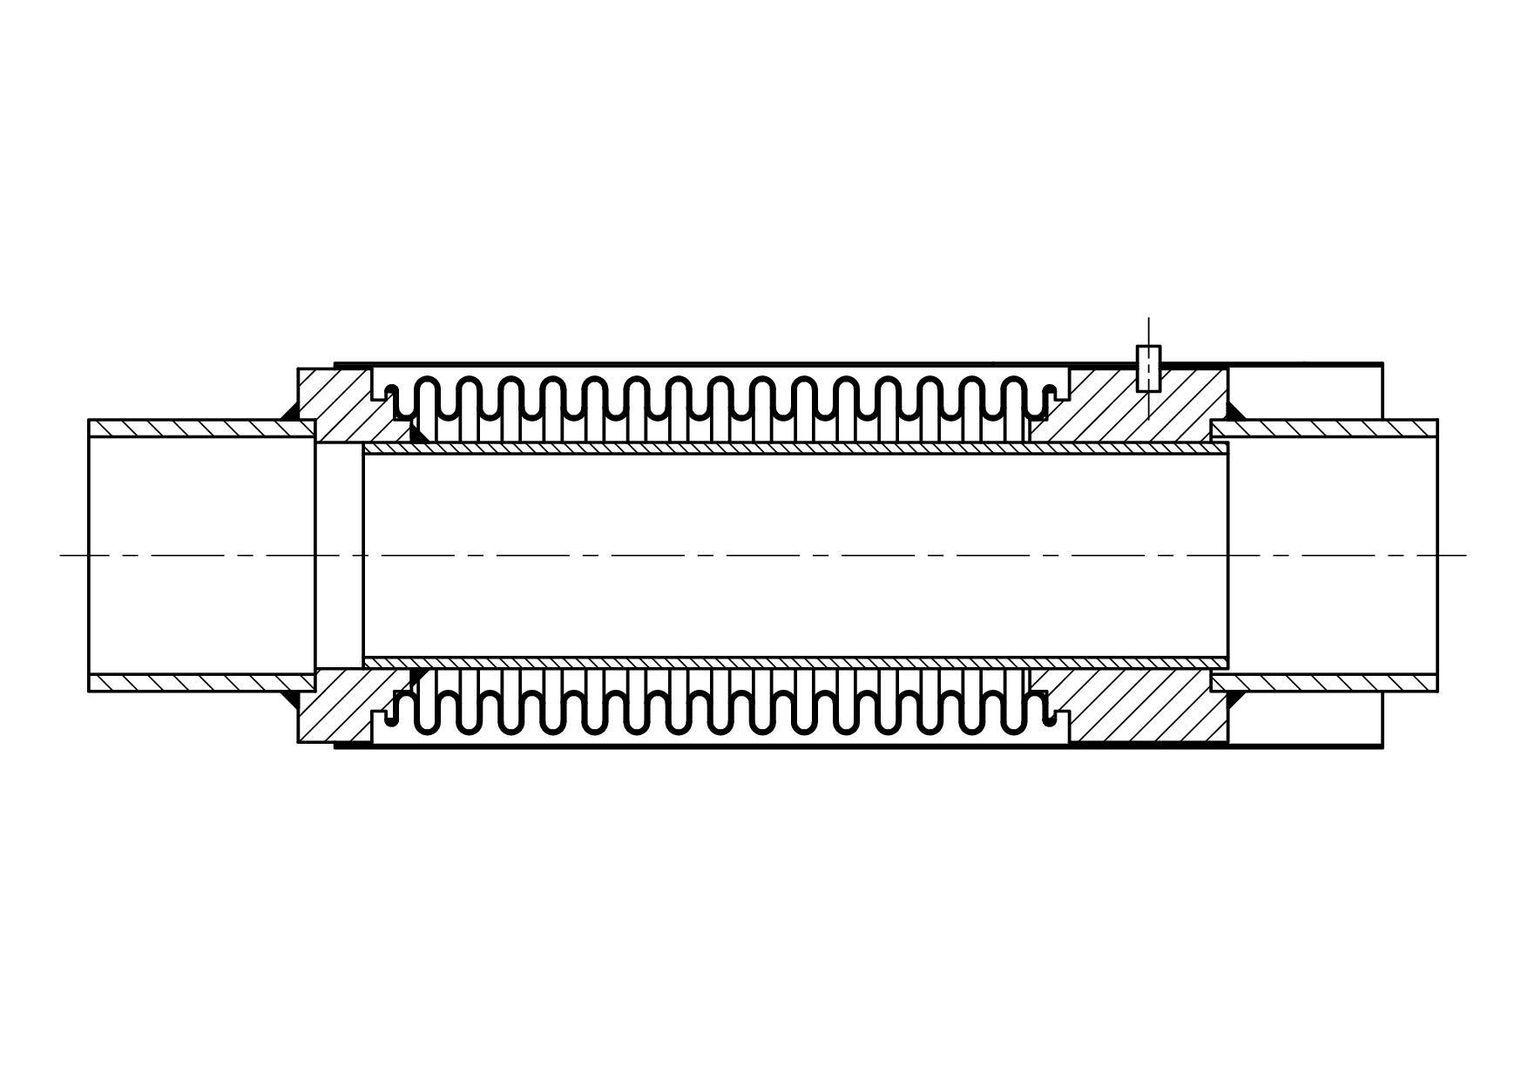 Типы компенсаторов для полипропиленовых труб и способы их установки